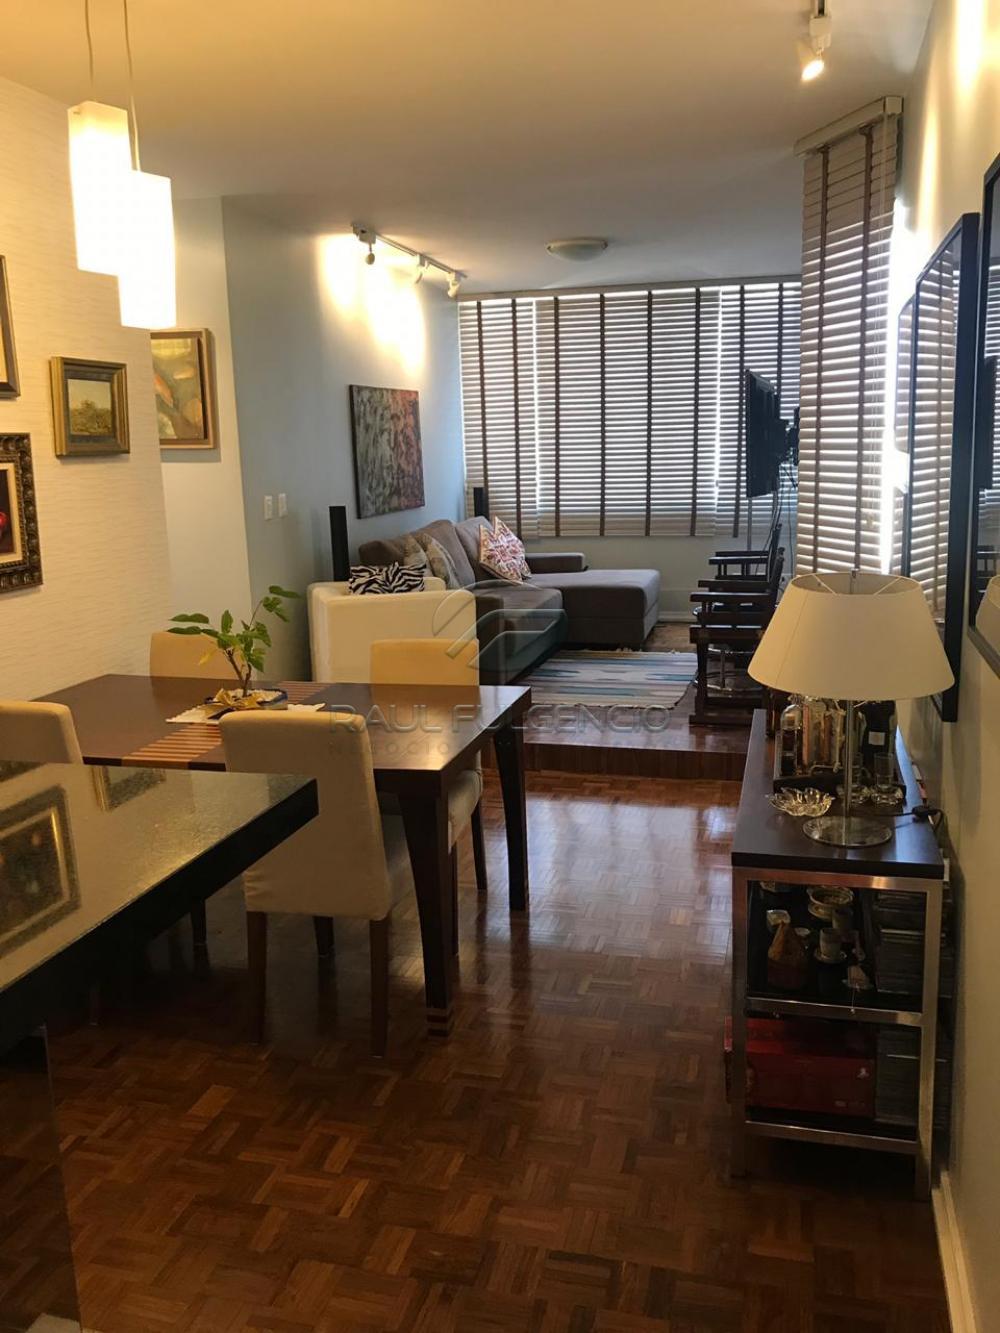 Comprar Apartamento / Padrão em Londrina apenas R$ 350.000,00 - Foto 15